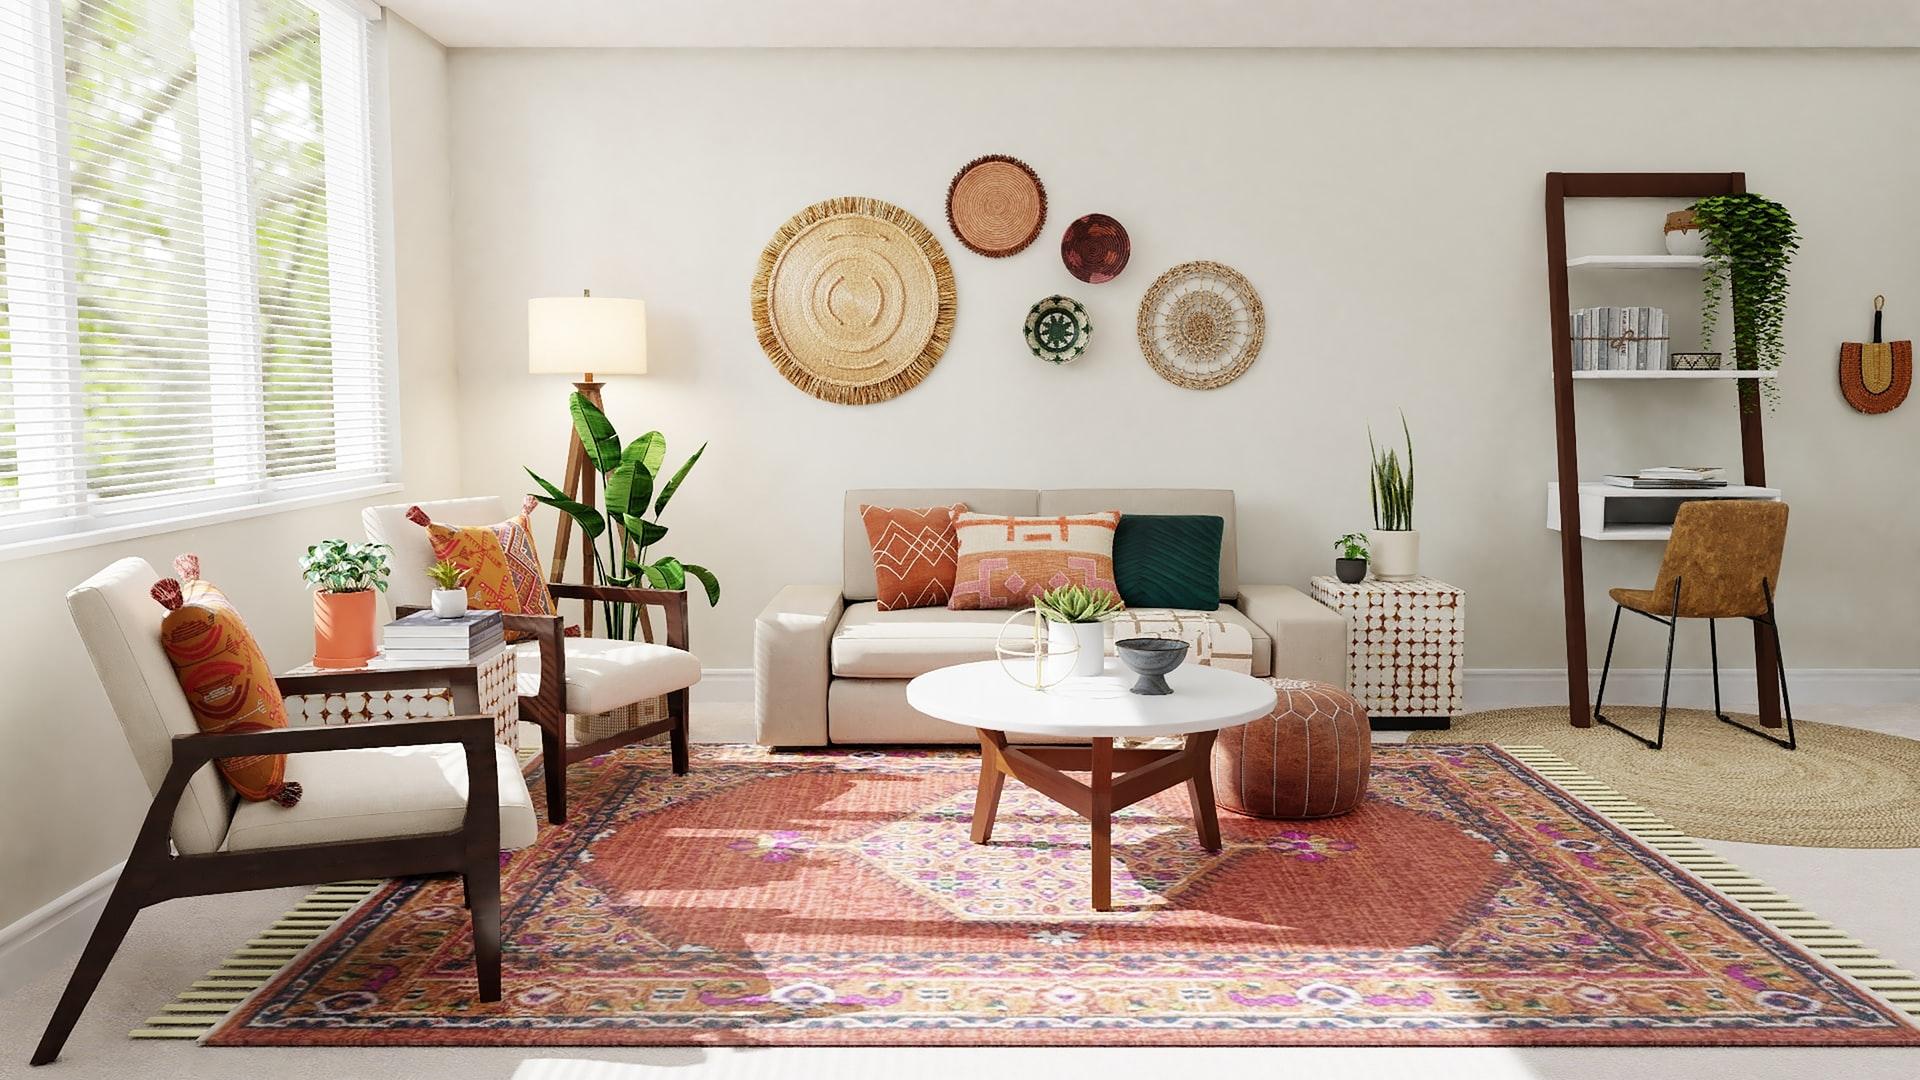 Vantagens do curso de design de interiores Domestika